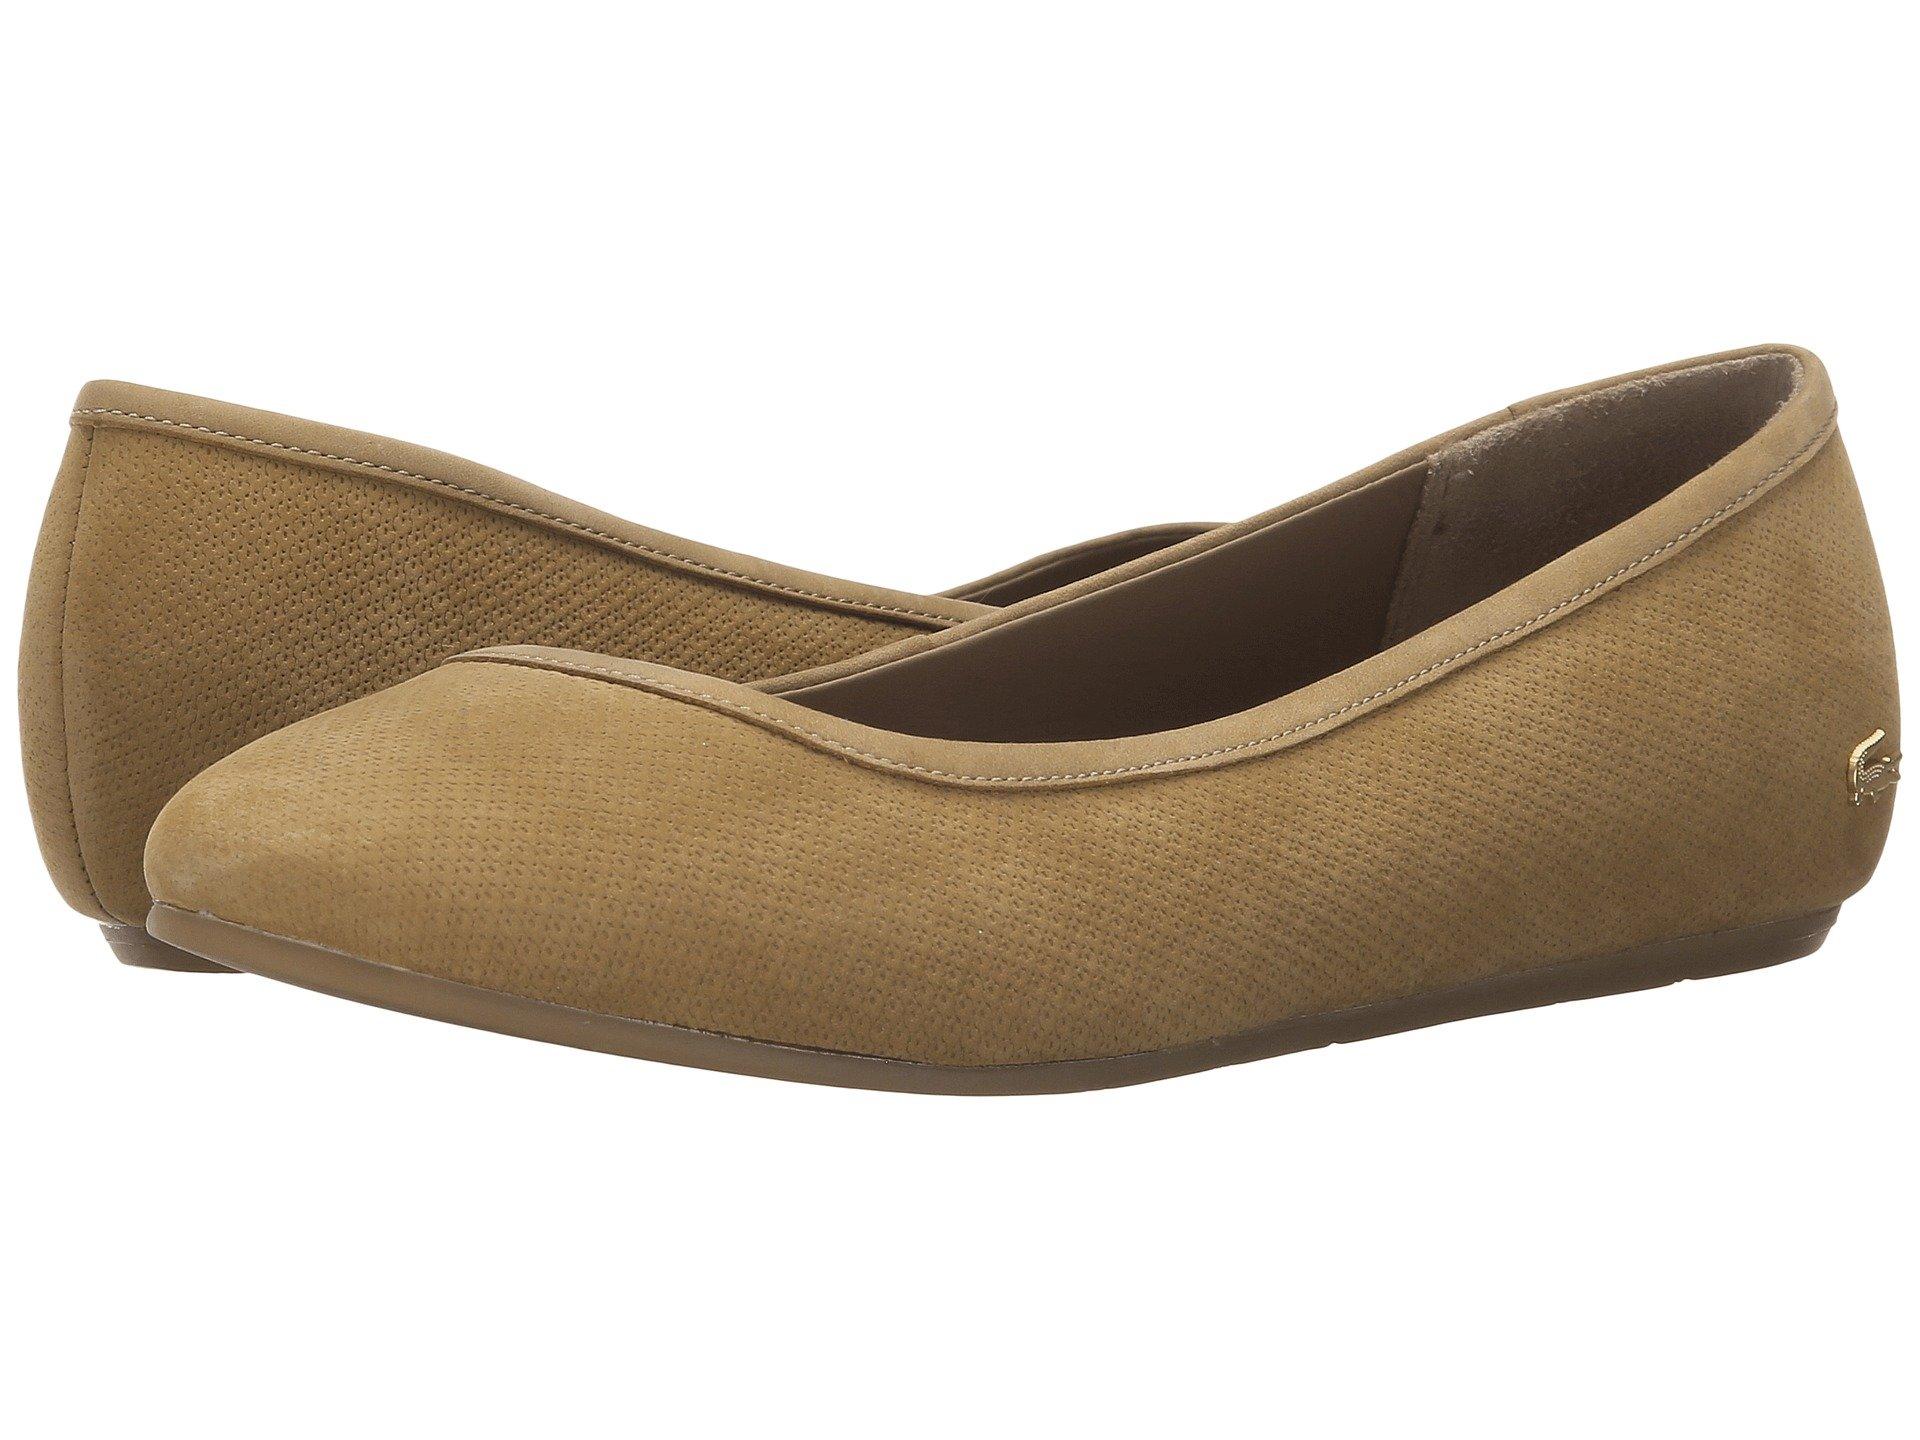 Baletas para Mujer Lacoste Cessole  + Lacoste en VeoyCompro.net